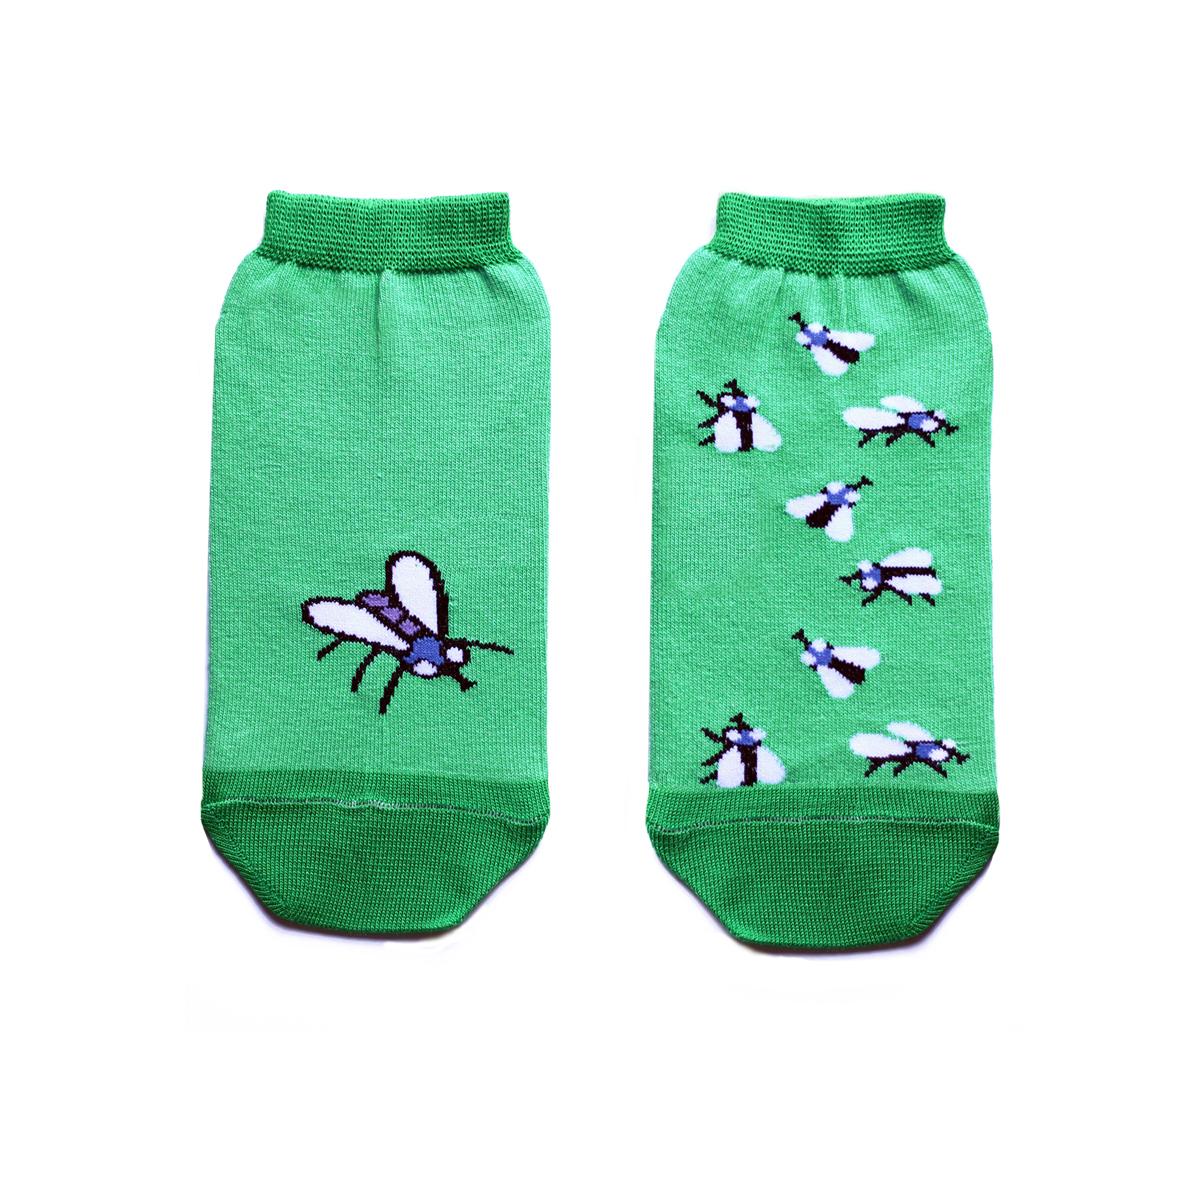 Носкиca1432Укороченные мужские носки Big Bang Socks изготовлены из высококачественного хлопка с добавлением полиамидных и эластановых волокон, которые обеспечивают великолепную посадку. Носки отличаются ярким стильным дизайном, они оформлены изображением мух. Удобная резинка идеально облегает ногу и не пережимает сосуды, а усиленные пятка и мысок повышают износоустойчивость носка. Дизайнерские носки Big Bang Socks - яркая деталь в вашем образе и оригинальный подарок для друзей и близких.